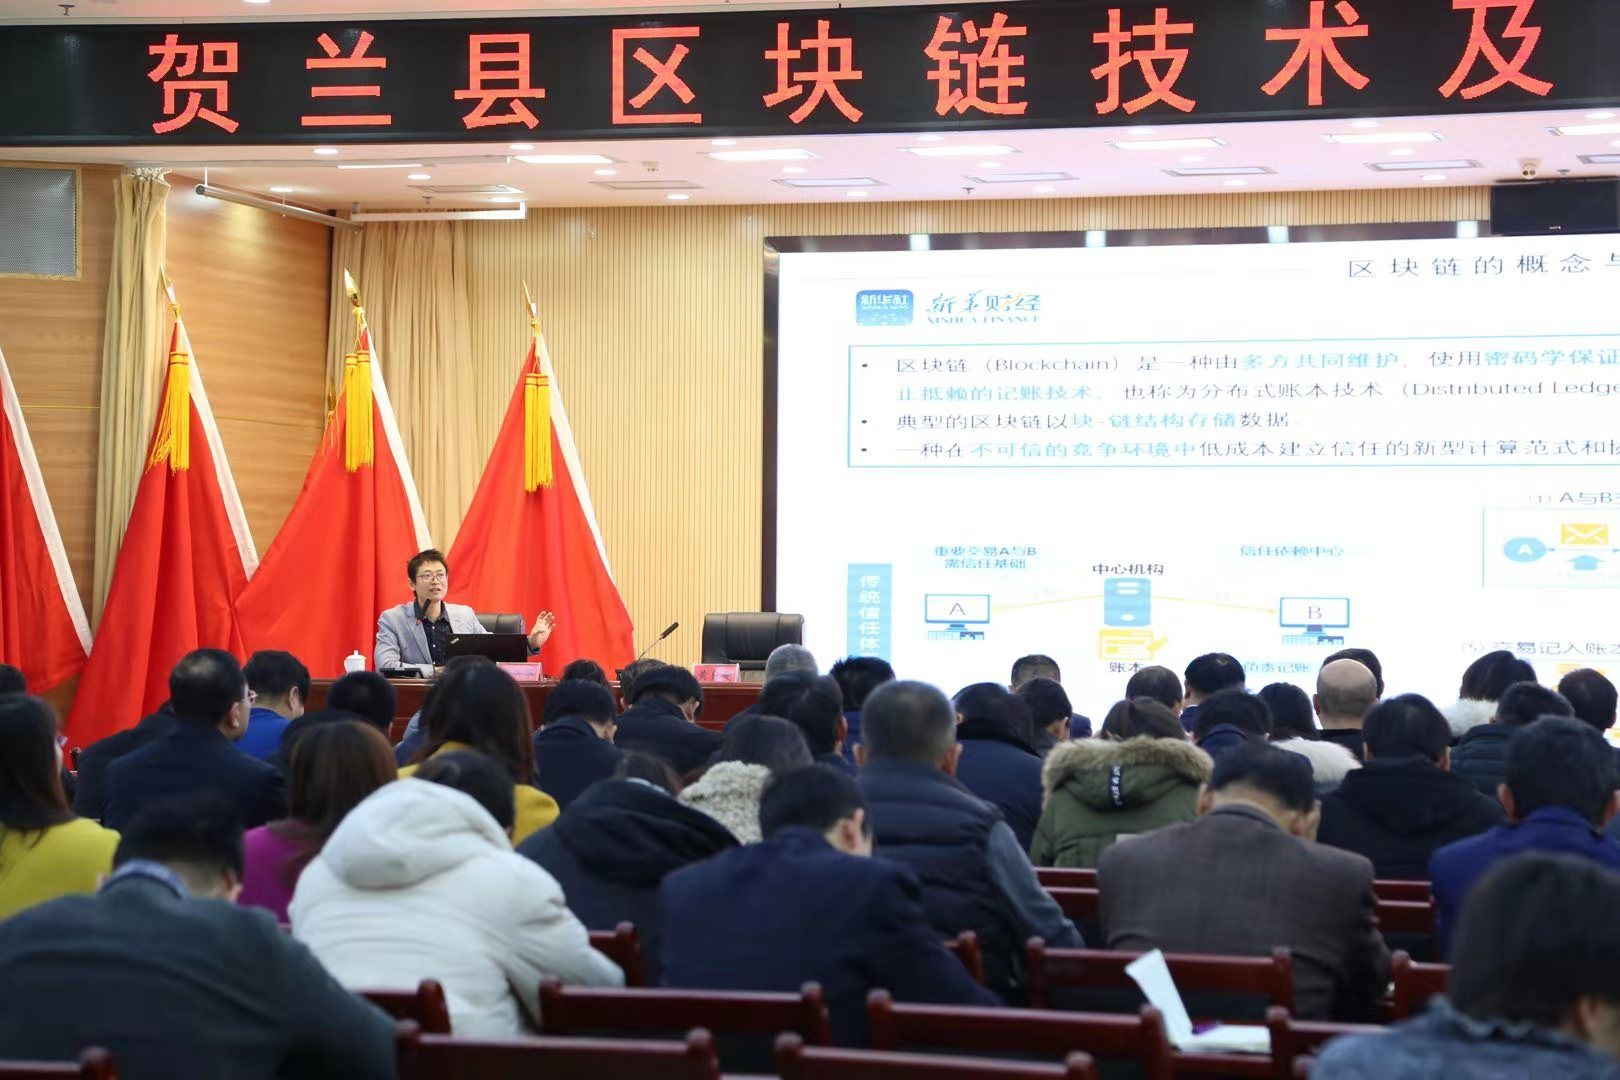 宁夏银川市贺兰县政府组织专题讲座学习区块链技术与趋势